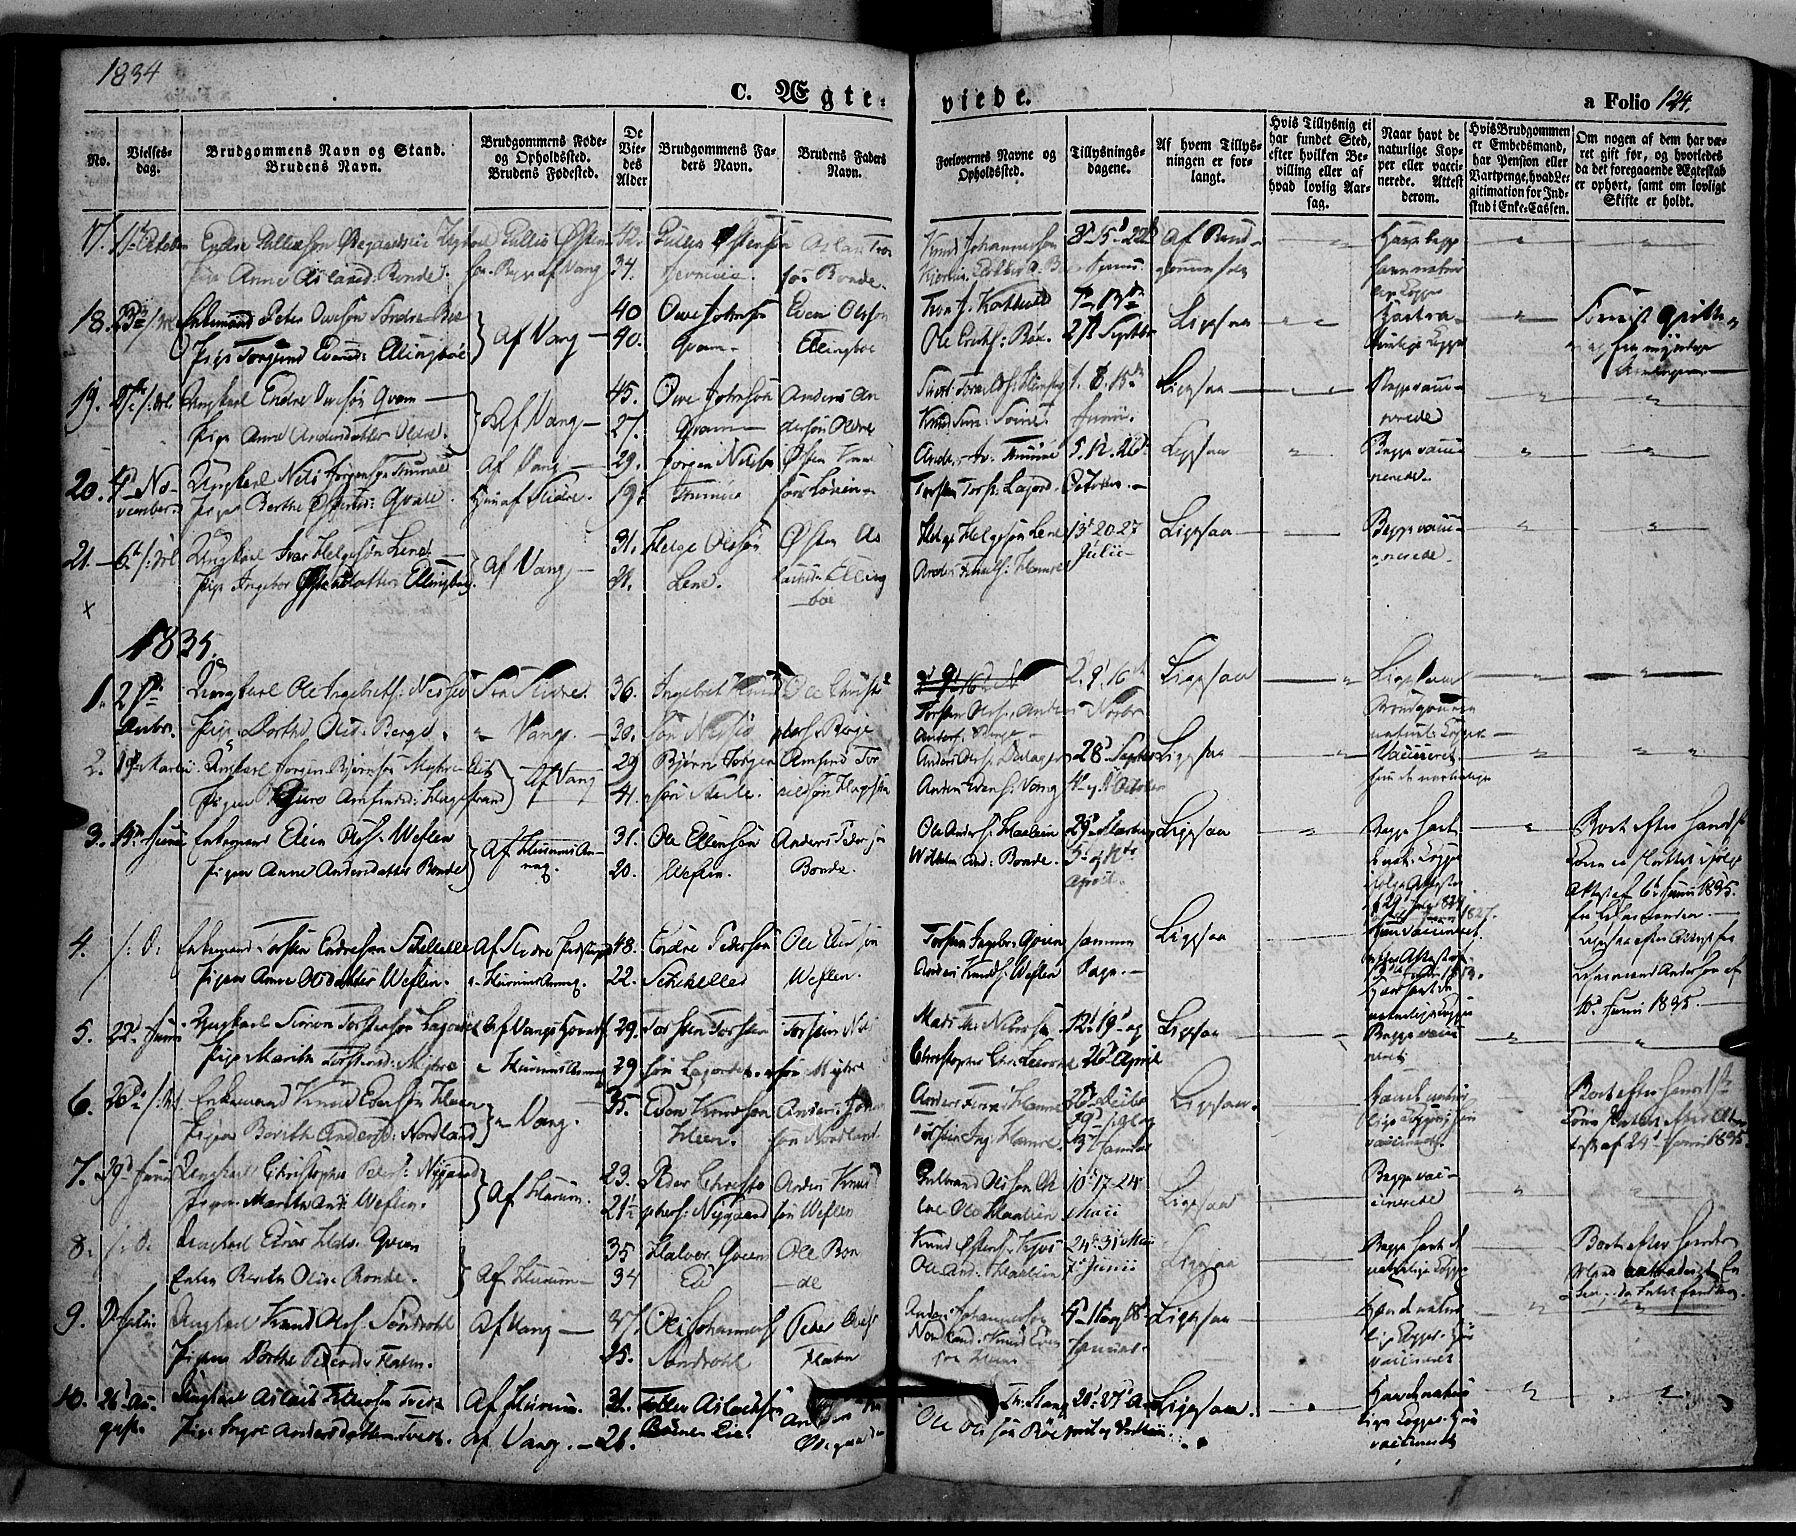 SAH, Vang prestekontor, Valdres, Ministerialbok nr. 5, 1831-1845, s. 124